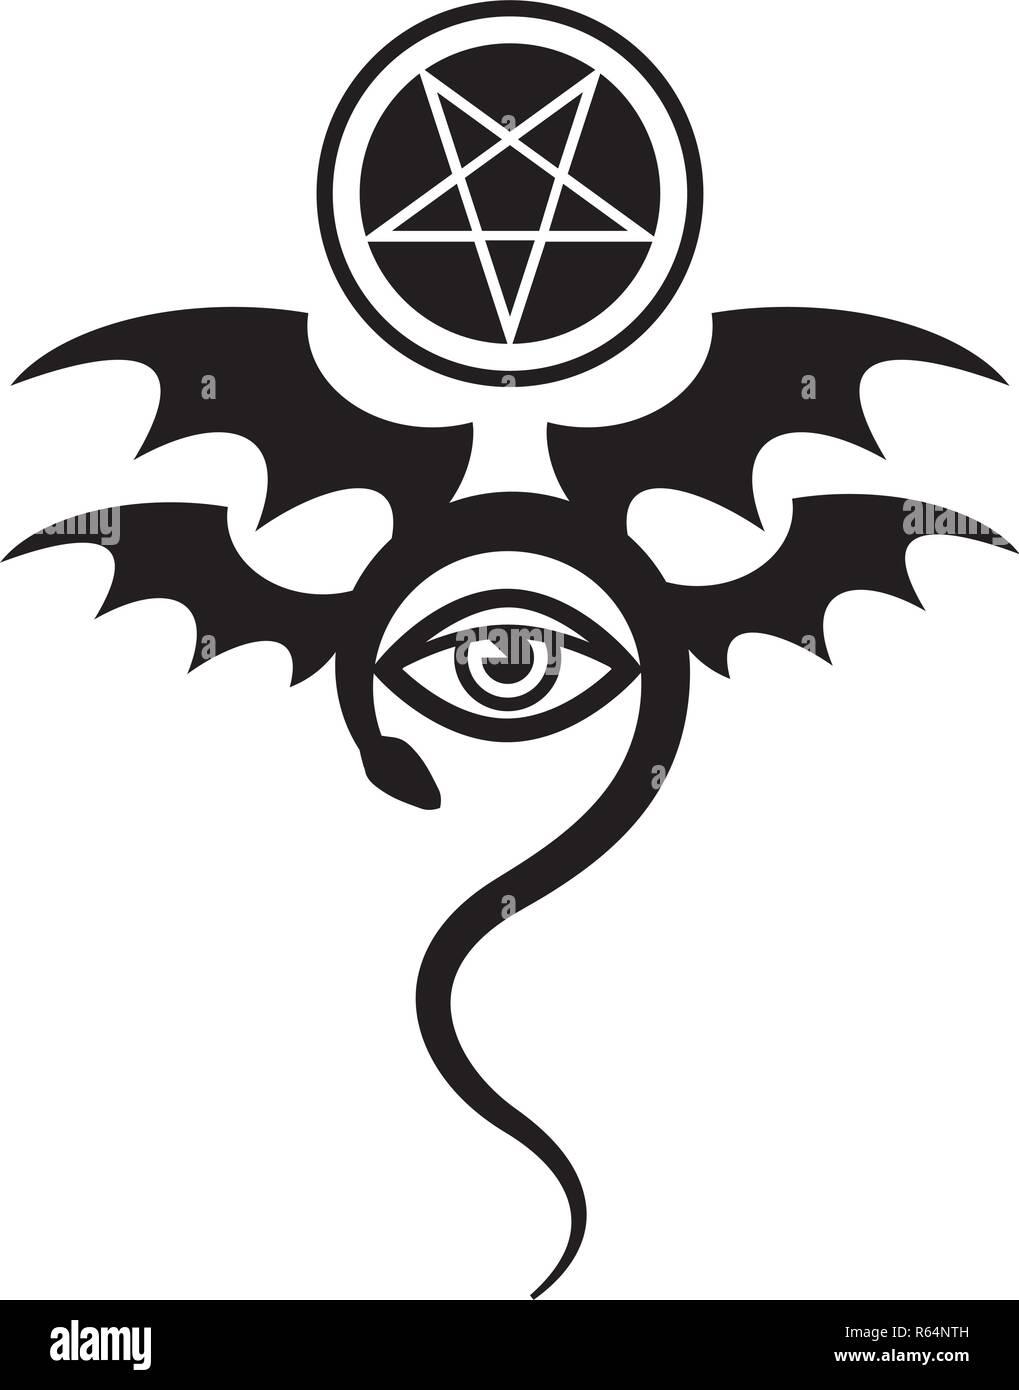 Mal De Ojo El Maléfico Mayor Símbolo Místico De Magia Negra